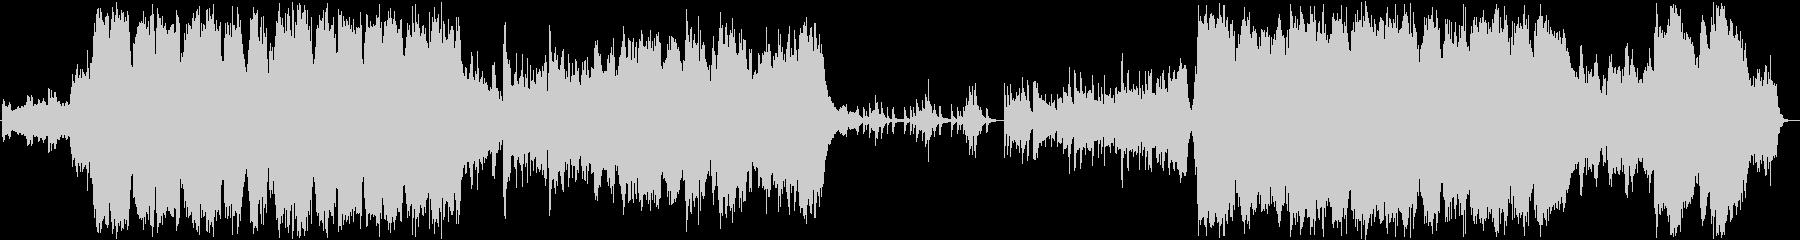 ファンタジー系ゲーム音楽 オープニング の未再生の波形